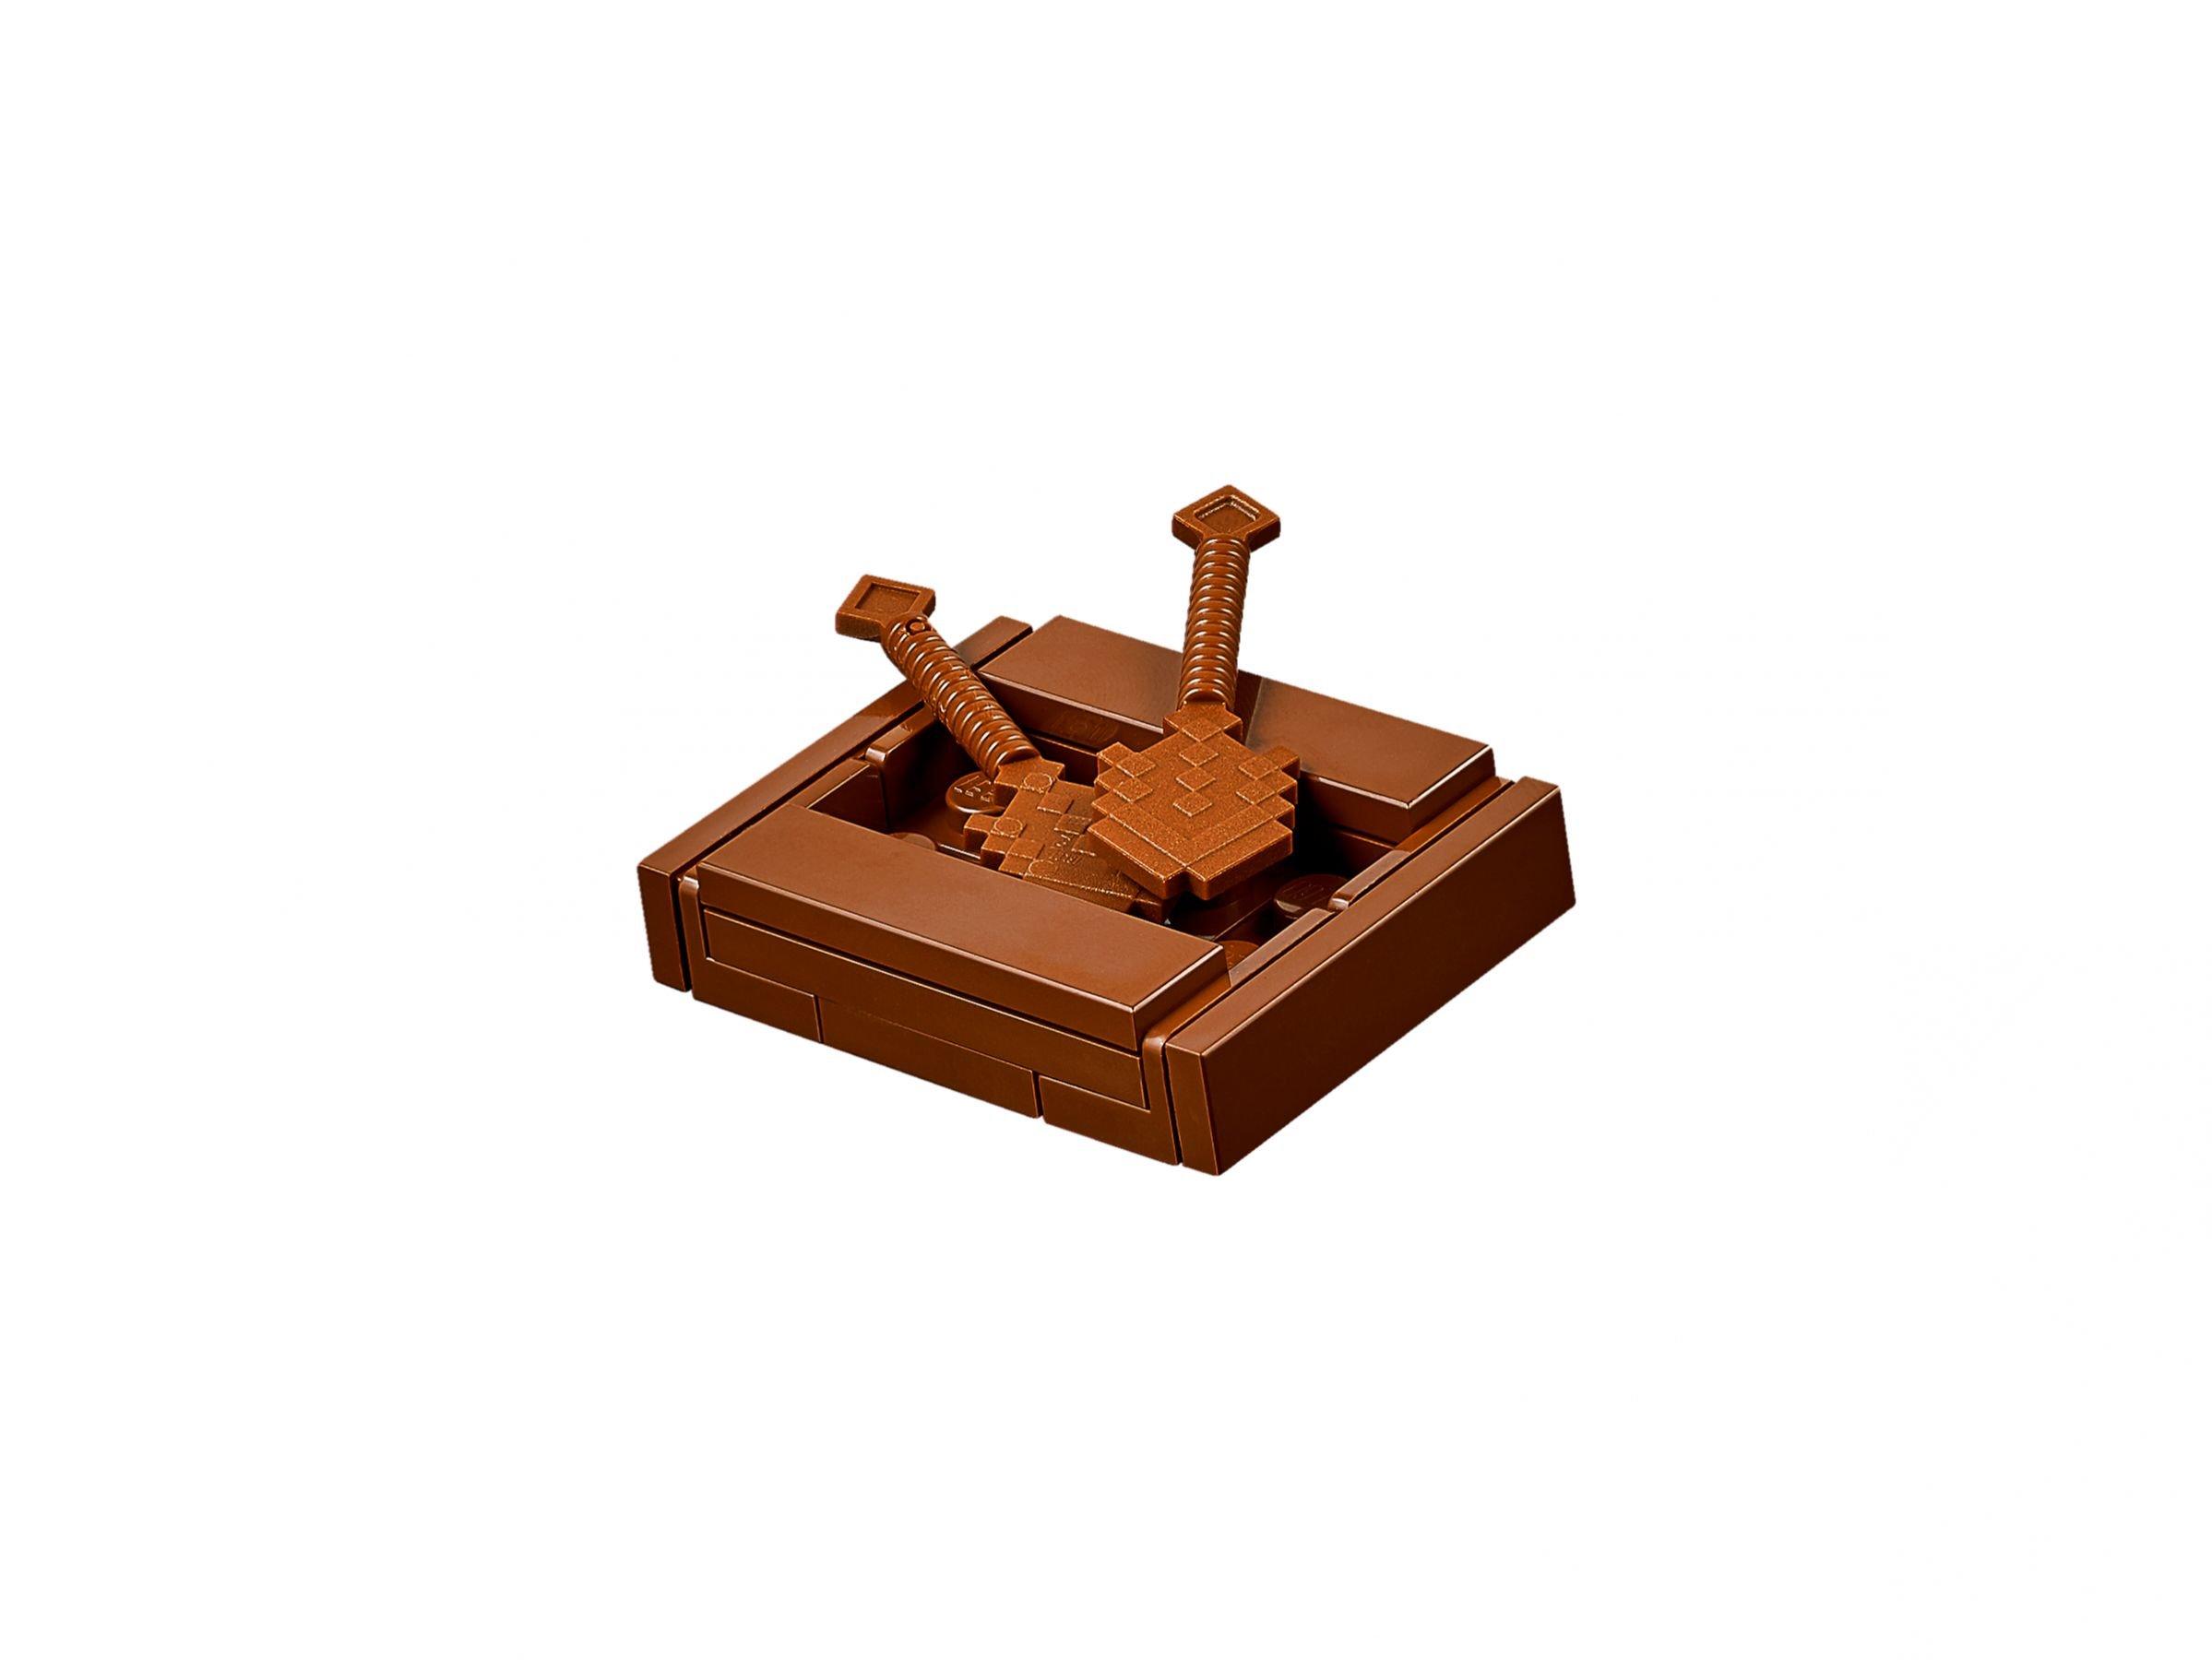 Lego 21133 Das Hexenhaus Minecraft 2017 Witch House Brickmerge The Hut Alt10